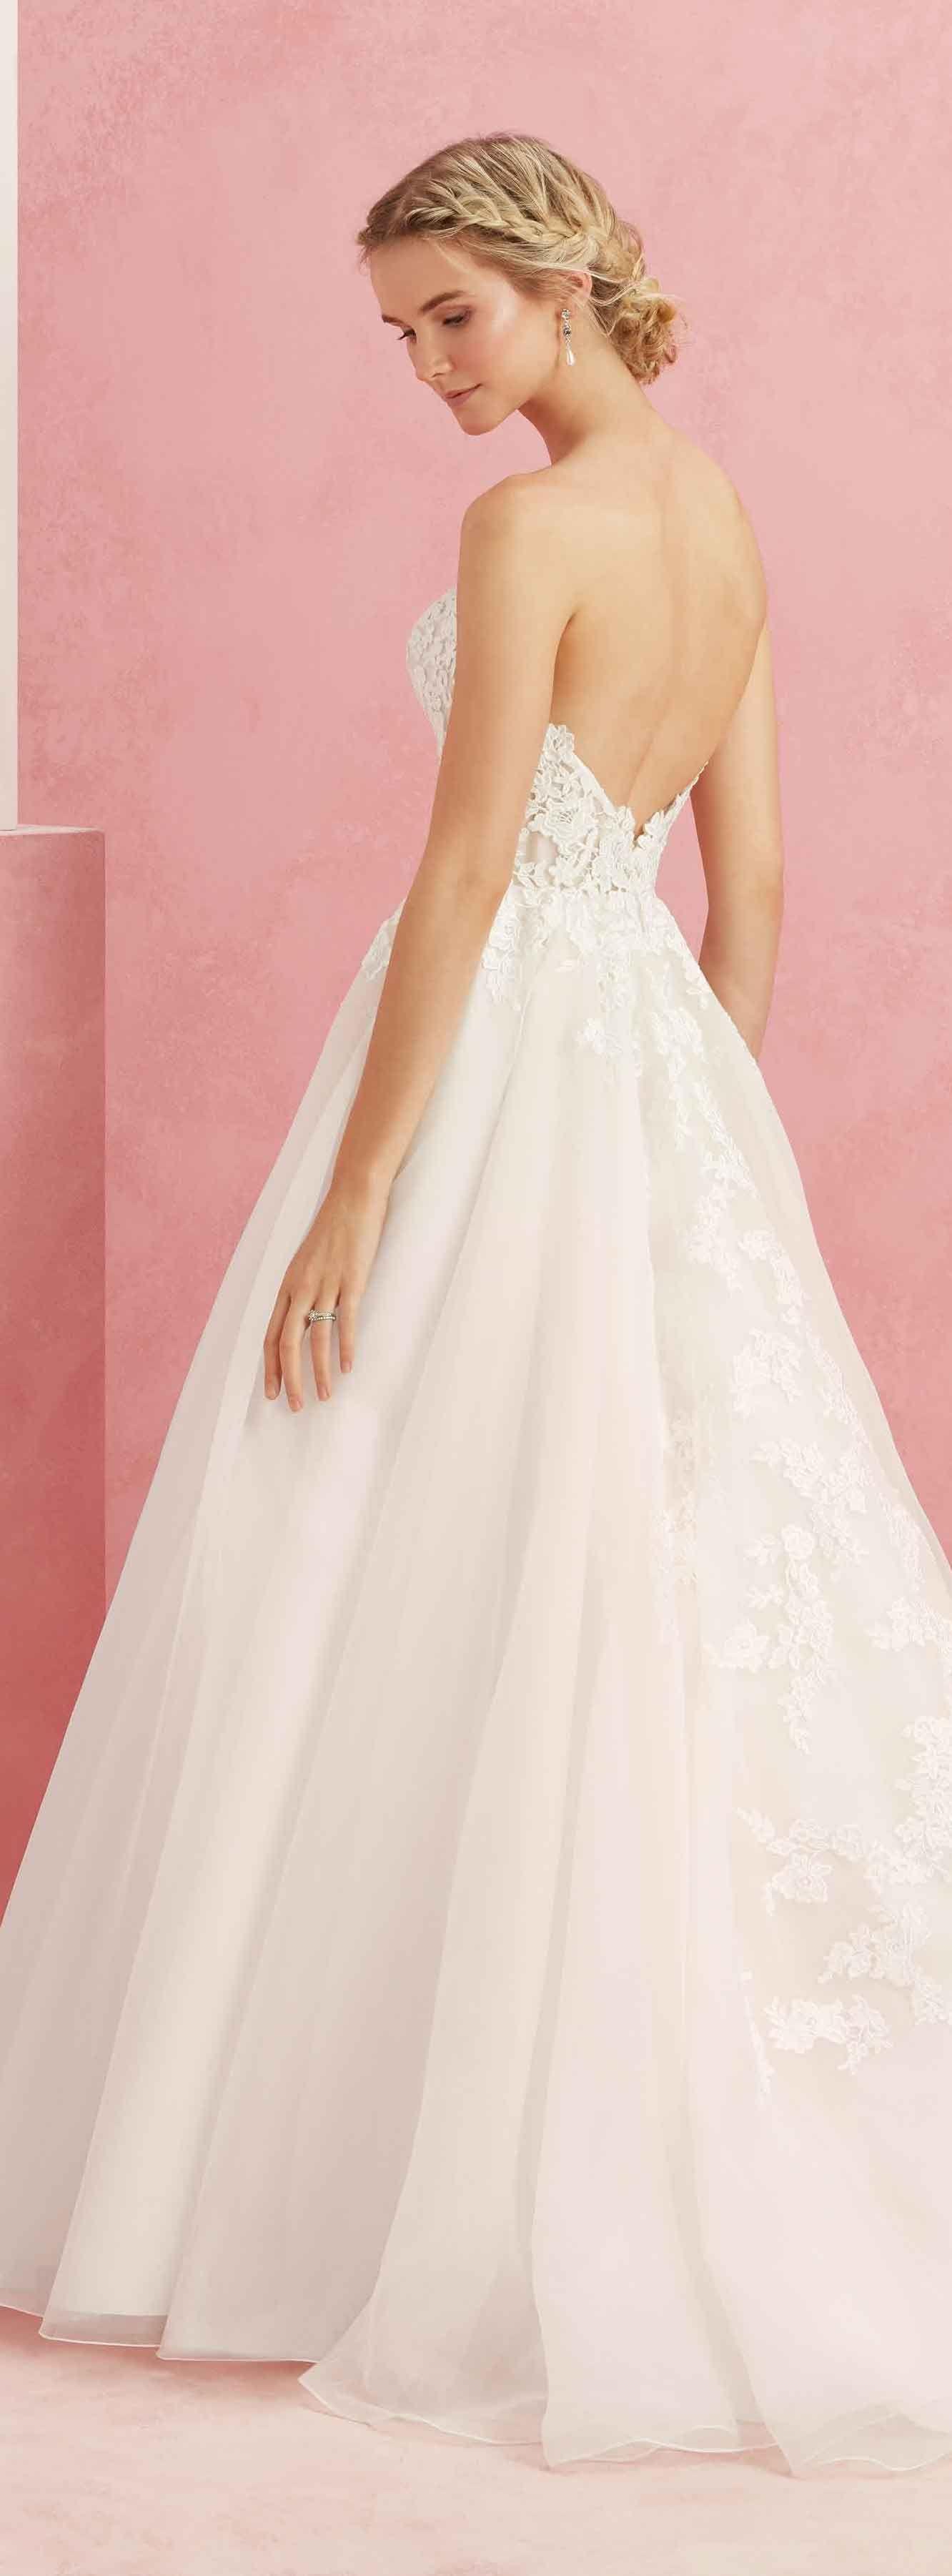 Beloved by Casablanca Bridal   Pinterest   Vestidos de novia, De ...